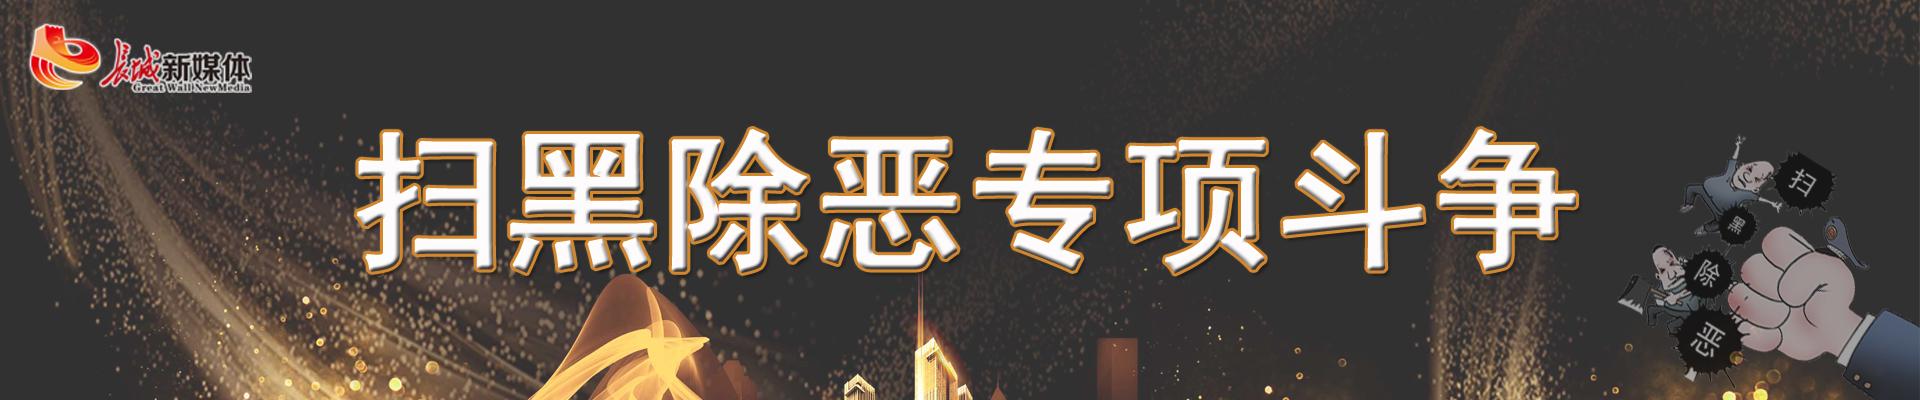 【专题】扫黑除恶专项斗争